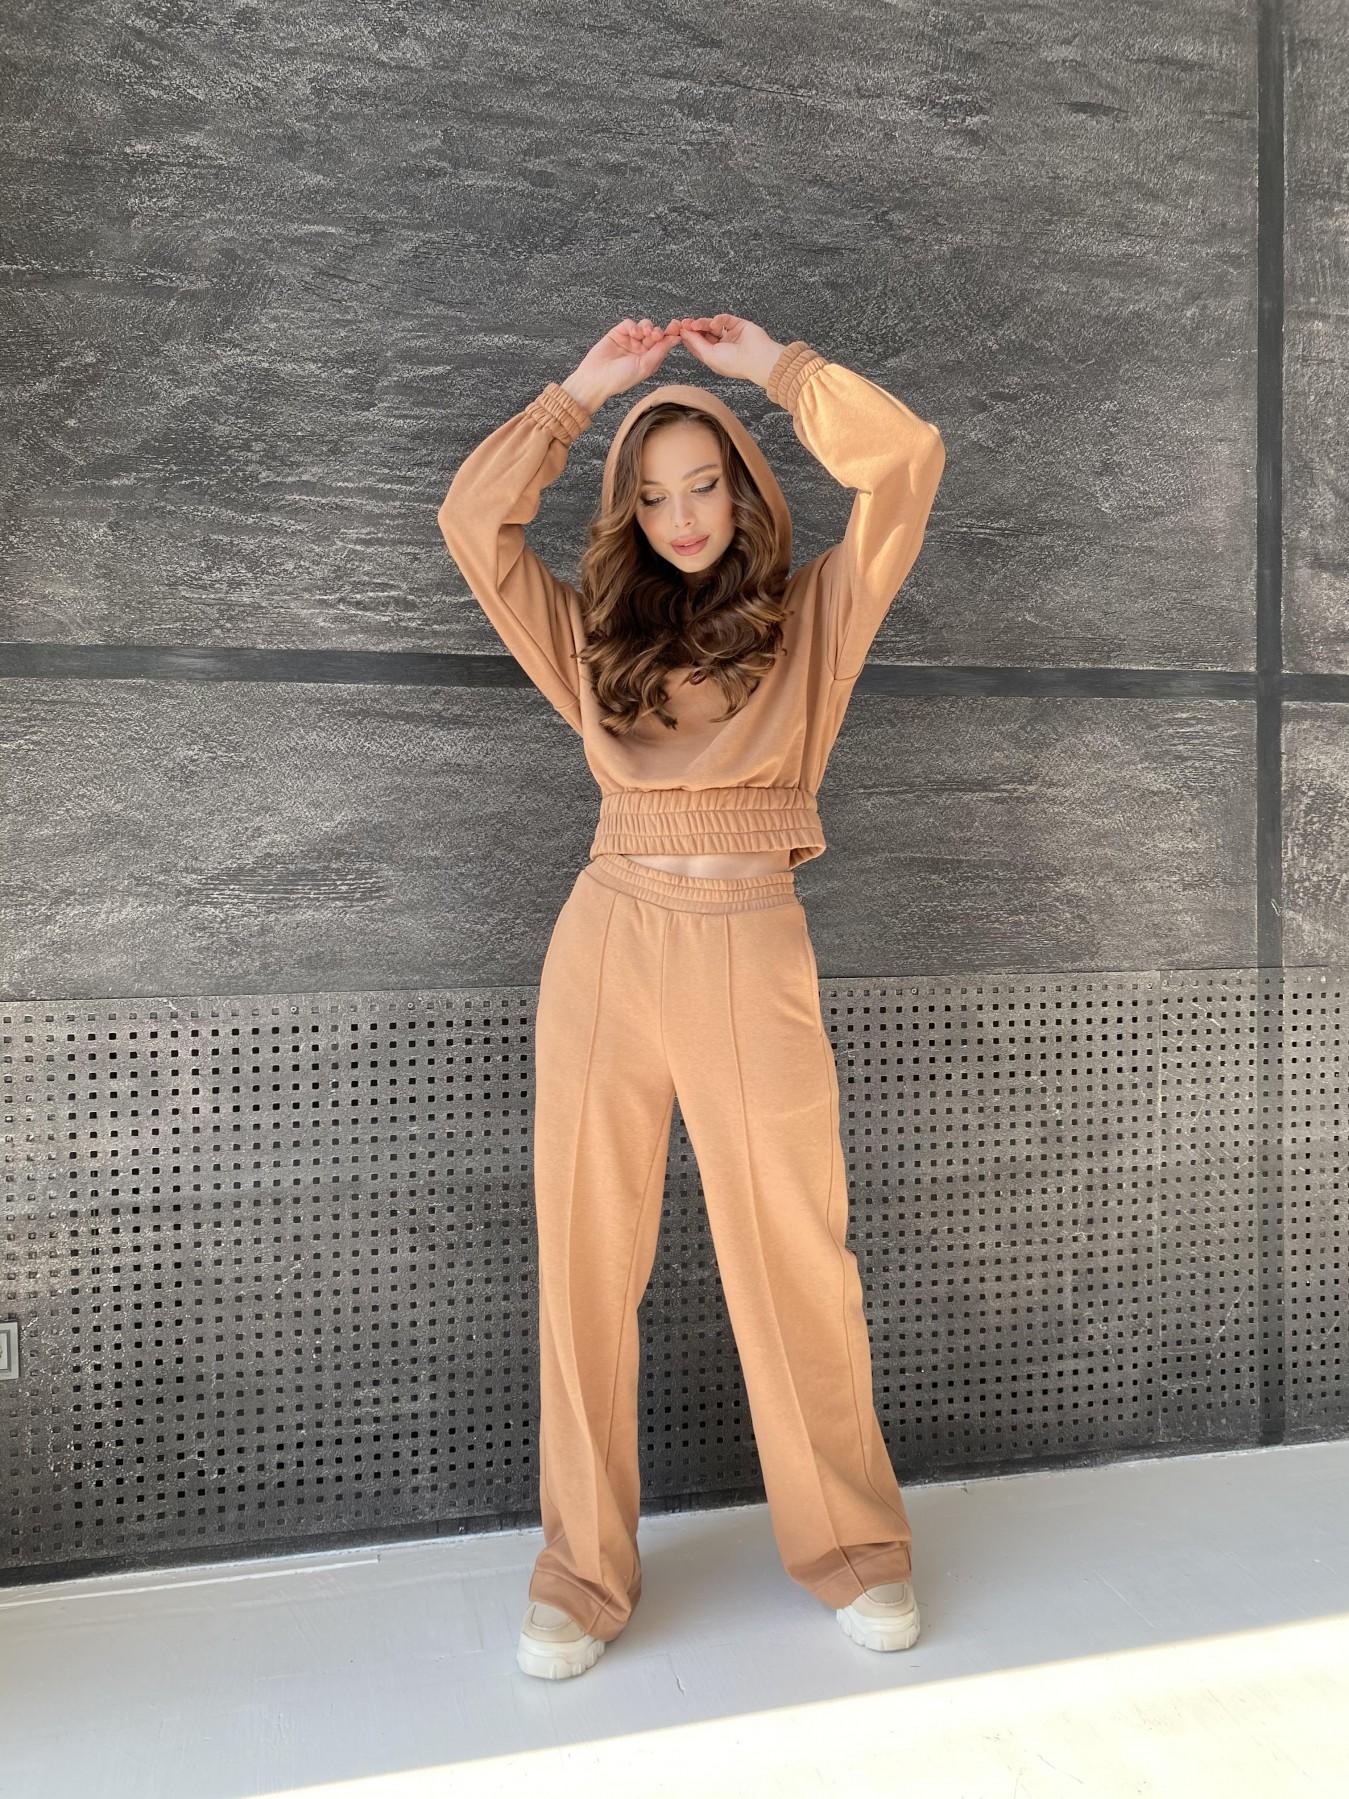 Бейби  прогулочный костюм из 3х нитки 10812 АРТ. 47284 Цвет: Кемел - фото 2, интернет магазин tm-modus.ru